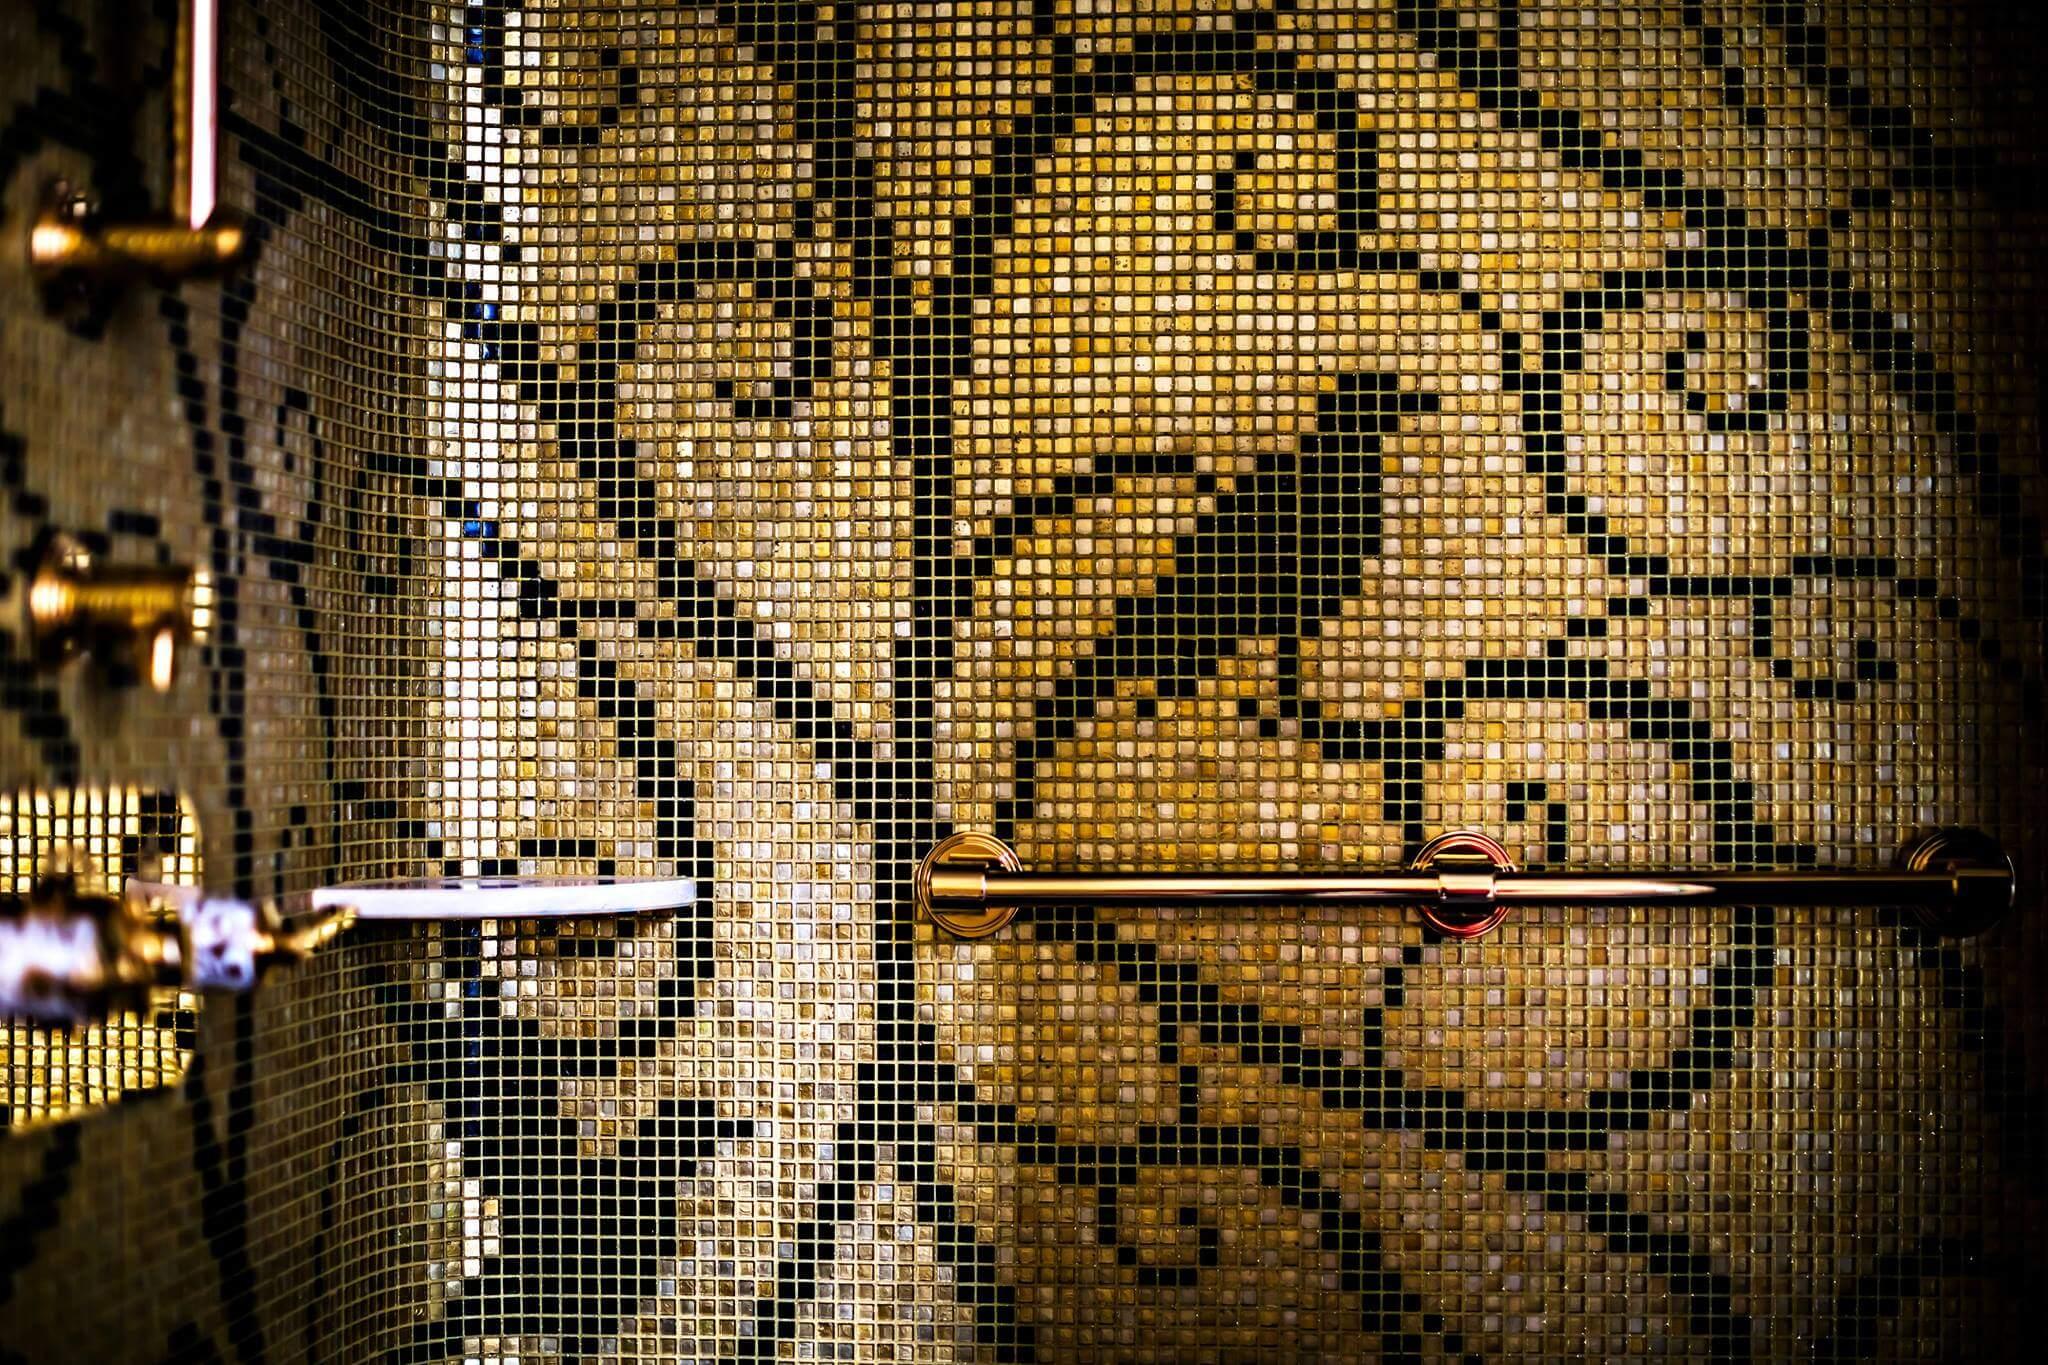 Mein Geheimnis für die Kreation individueller Themenwelten beim Bad Einrichten in Ihrem Designer Bad by Torsten Müller ist die vollkommene Harmonie aus der erfolgten Badezimmer Design Badgestaltung, des optimalen Lichtdesign, der idealen Materialien und der erzeugten Badkultur. Dieses authentische Badezimmer Design sorgt nach dem Bad Gestalten für individuelle Wohlfühlmomente in Ihrem Designer Bad, das mit den Klassikern für beste Badezimmer von Villeroy und Boch, Bad Villeroy und Boch Sanitär ausgestattet sein kann. Lassen Sie sich von neuartigen Ideen zum Bad Planen inspirieren. Wählen Sie Bad Muster mit außergewöhnlichen Materialkontrasten für die Bädergestaltung nach den neuesten Badezimmer Trends und Bad Design Ideen, wie Glänzend und matt Rau und spiegelglatt Hauchfein und zentnerschwer. Wenn die Grundlagen der Bädergestaltung beim Badezimmer Planen festliegen, entscheiden wir uns auf einer Bäderausstellung der Bäder München oder im Showroom eines traditionsreichen Produzenten für Badezimmer Design, wie Duravit Österreich, Laufen Sanitär, Zucchetti Armaturen oder Villeroy & Boch Dresden für das passende Badzubehör Design für das Badezimmer Gestalten, wie ein elegantes Waschbecken aus feinstem Duravit Meißen Porzellan ein Laufen Badezimmer, das durch seine geradlinige Ausführung begeistert ein luxuriöses Villeroy & Boch Bad mit schlichten Armaturen von THG Paris